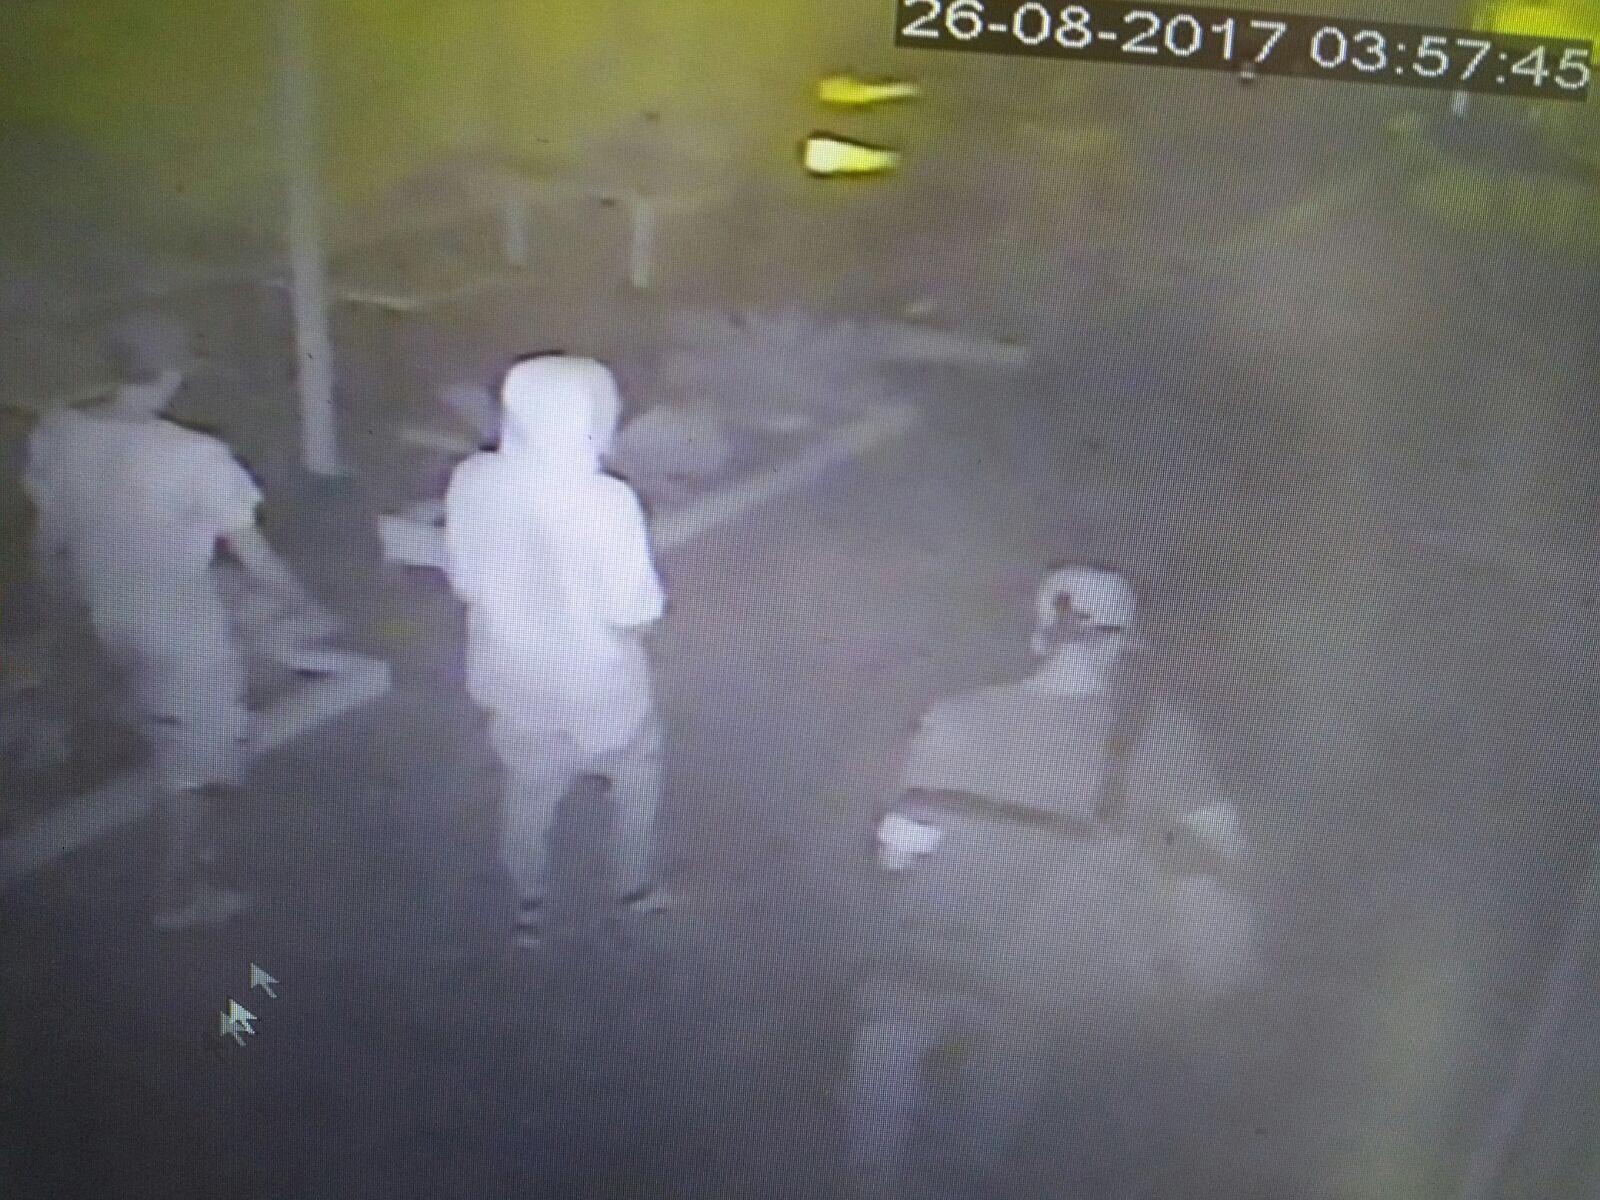 Stupri Rimini:il branco ripreso da una telecamera di sorveglianza